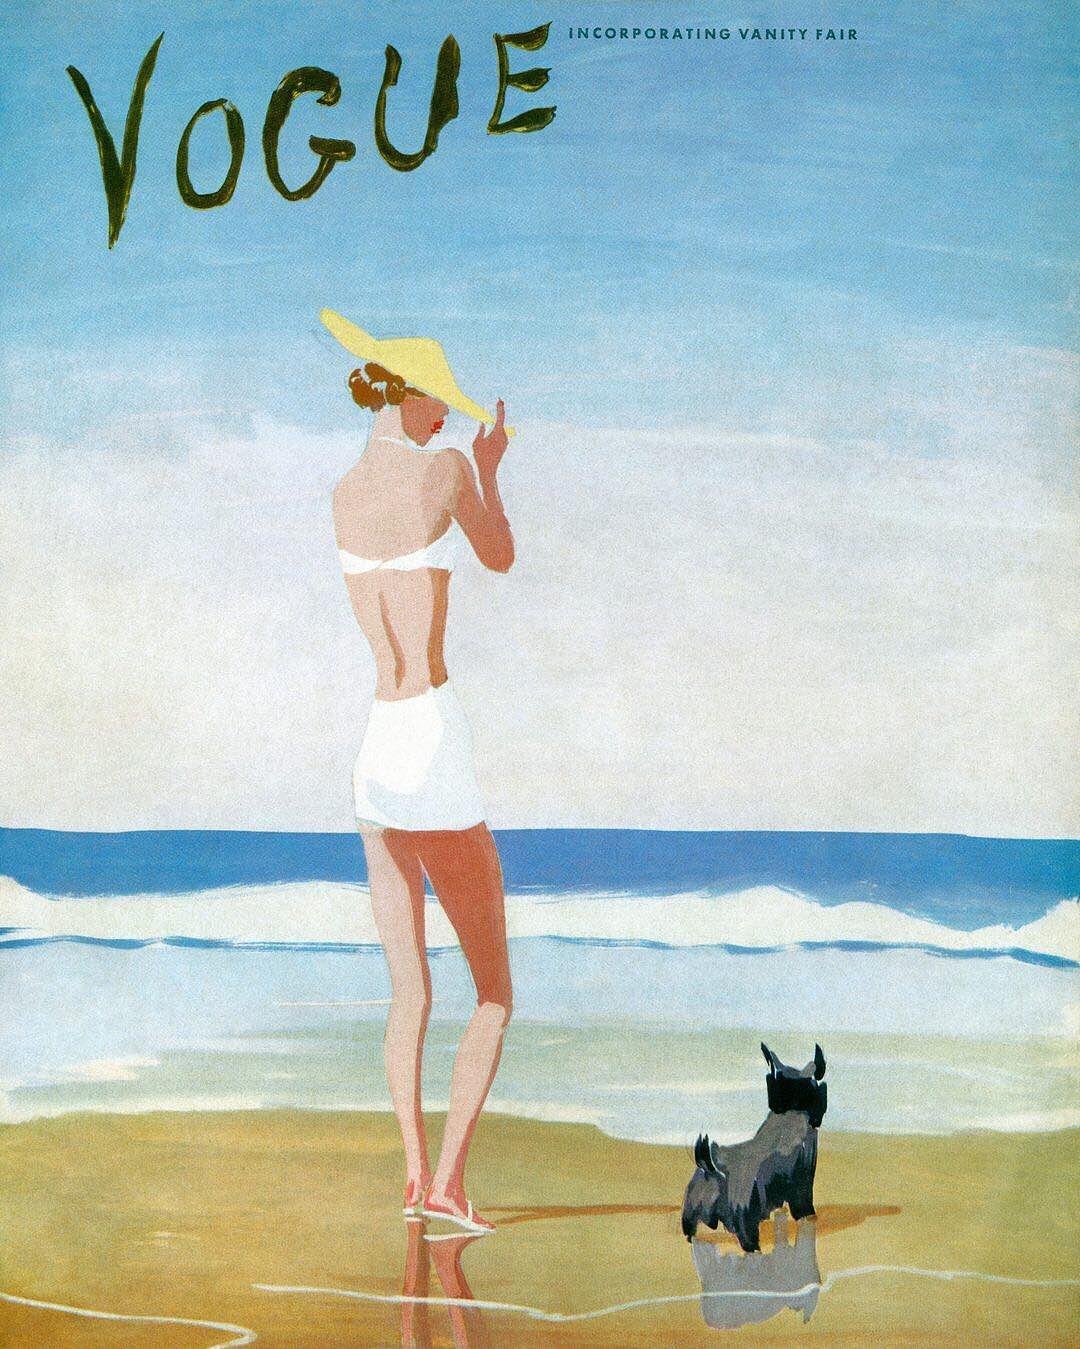 @VogueBeauty